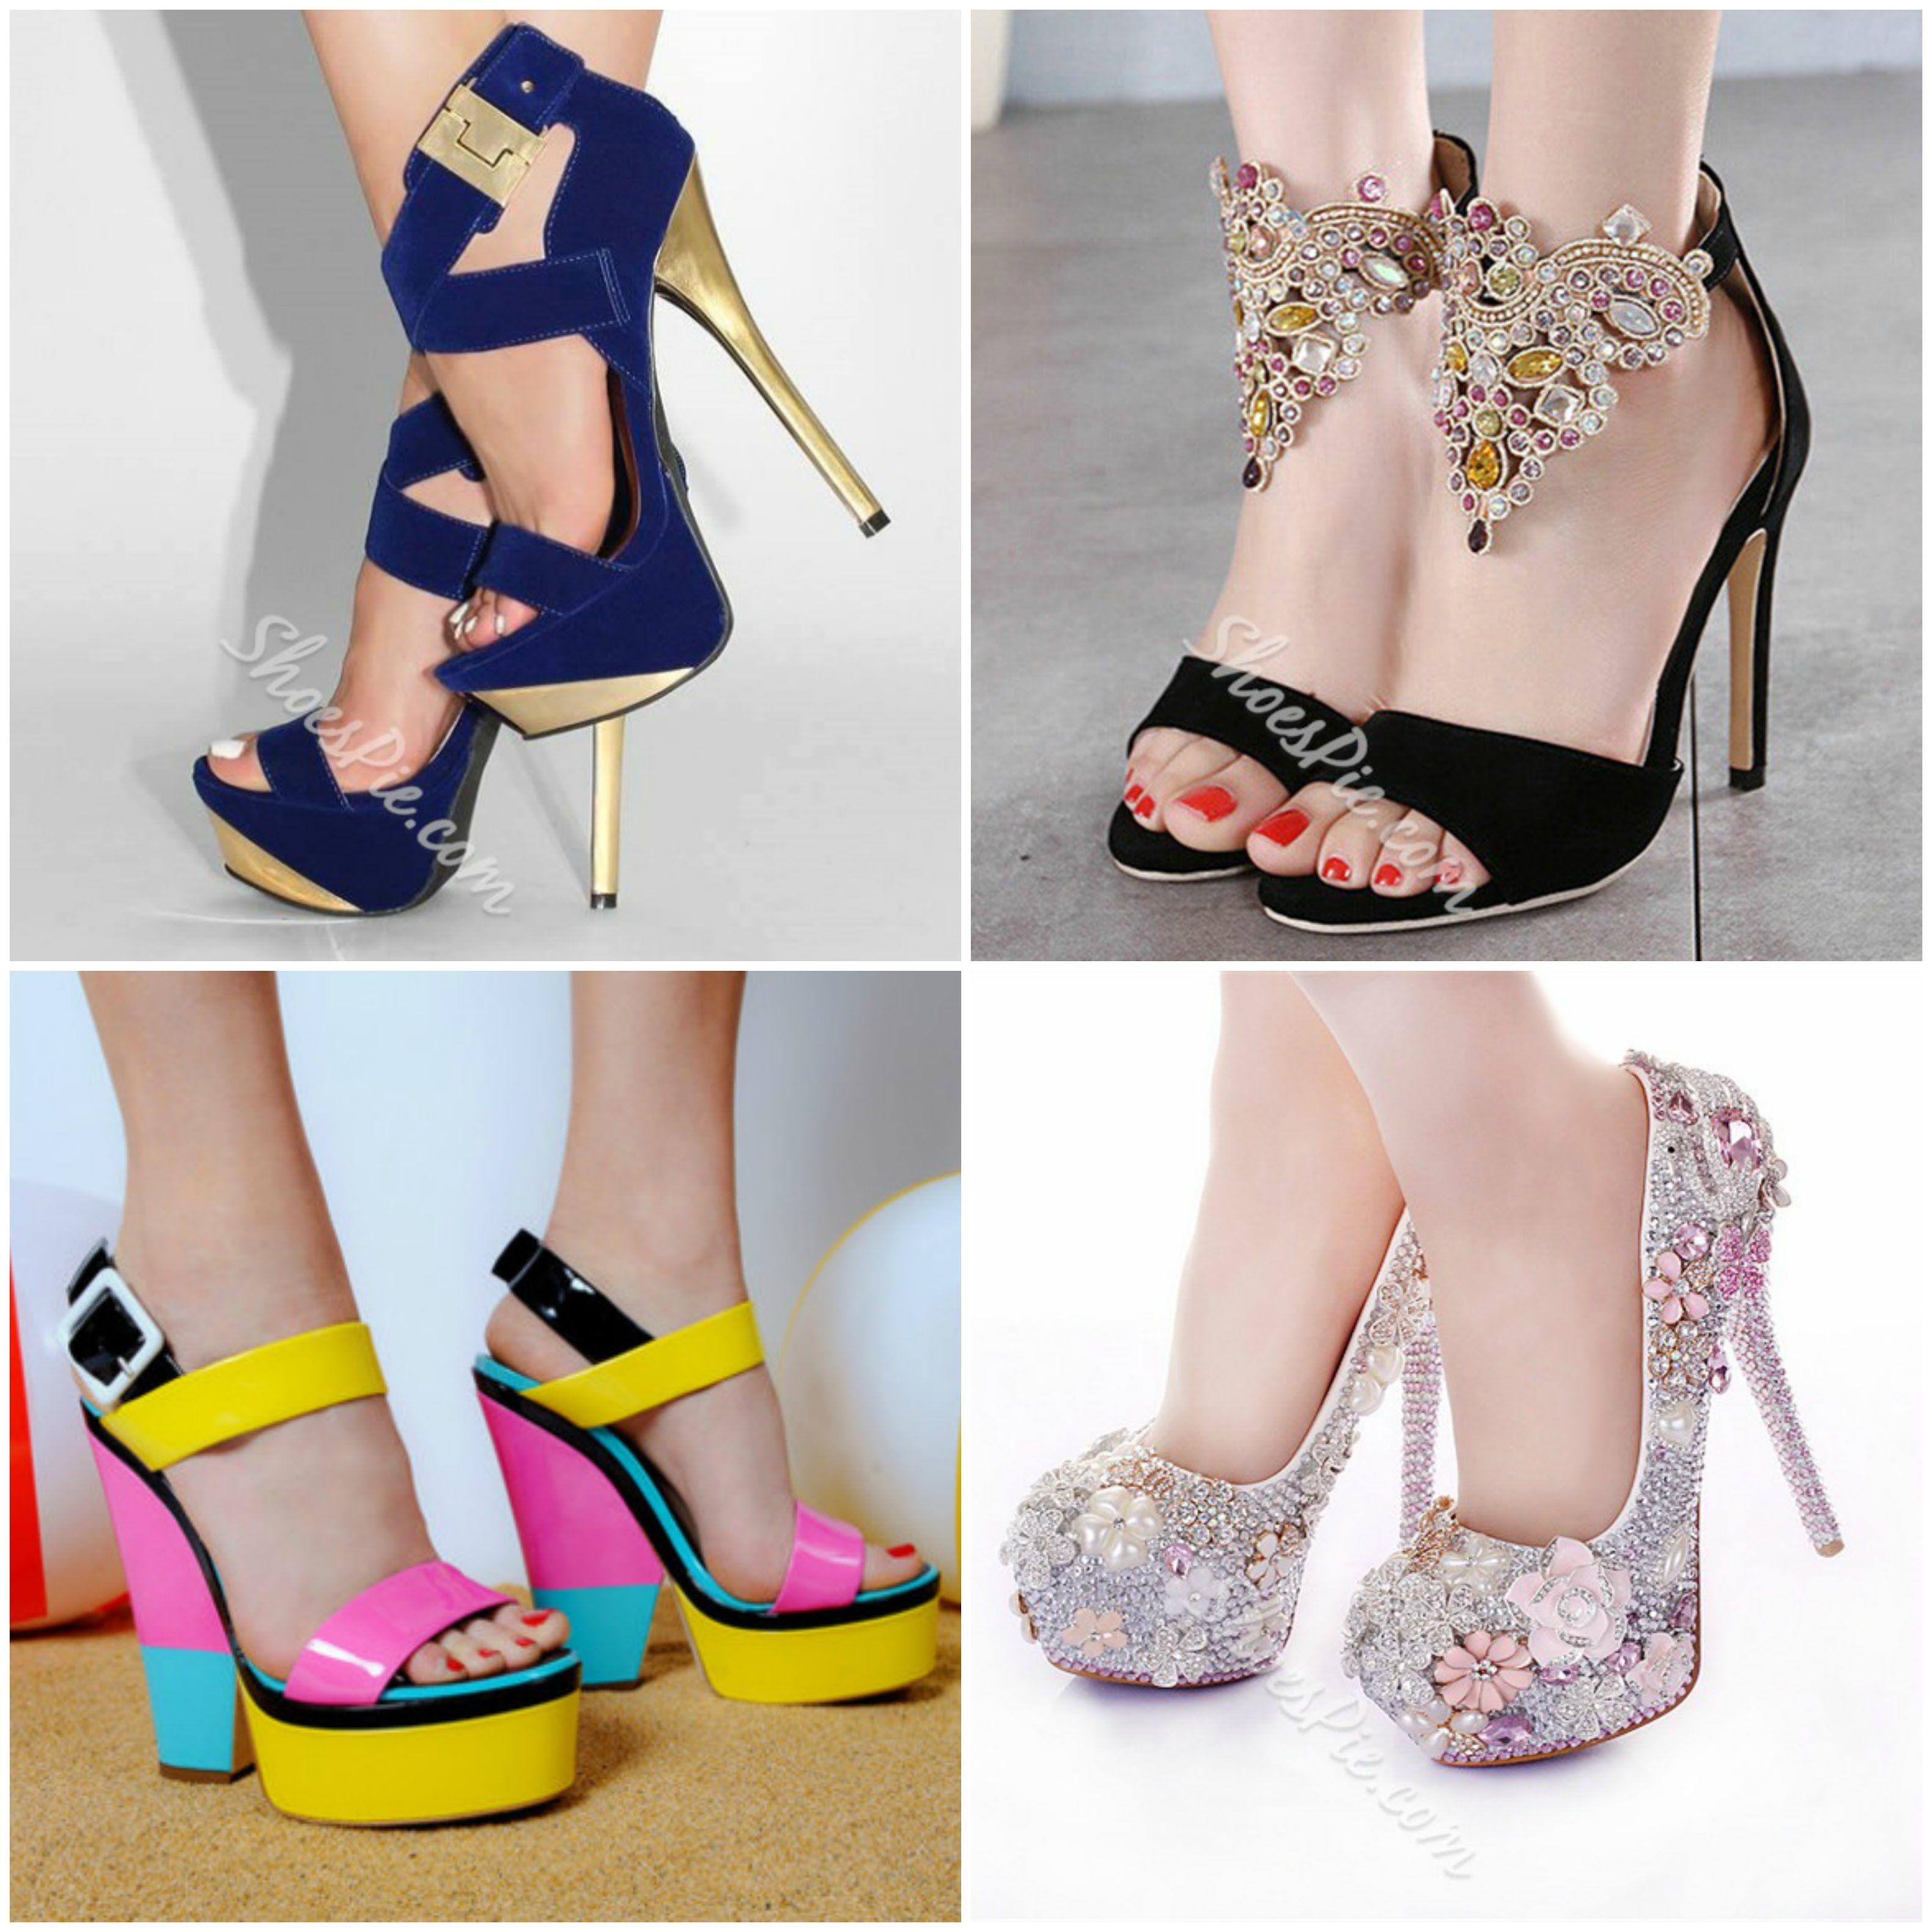 6bbf49aa3 موديلات احذية 2016 /احذية كعب عالي 2016 / احذية بنات 2016 احذية نسائية.